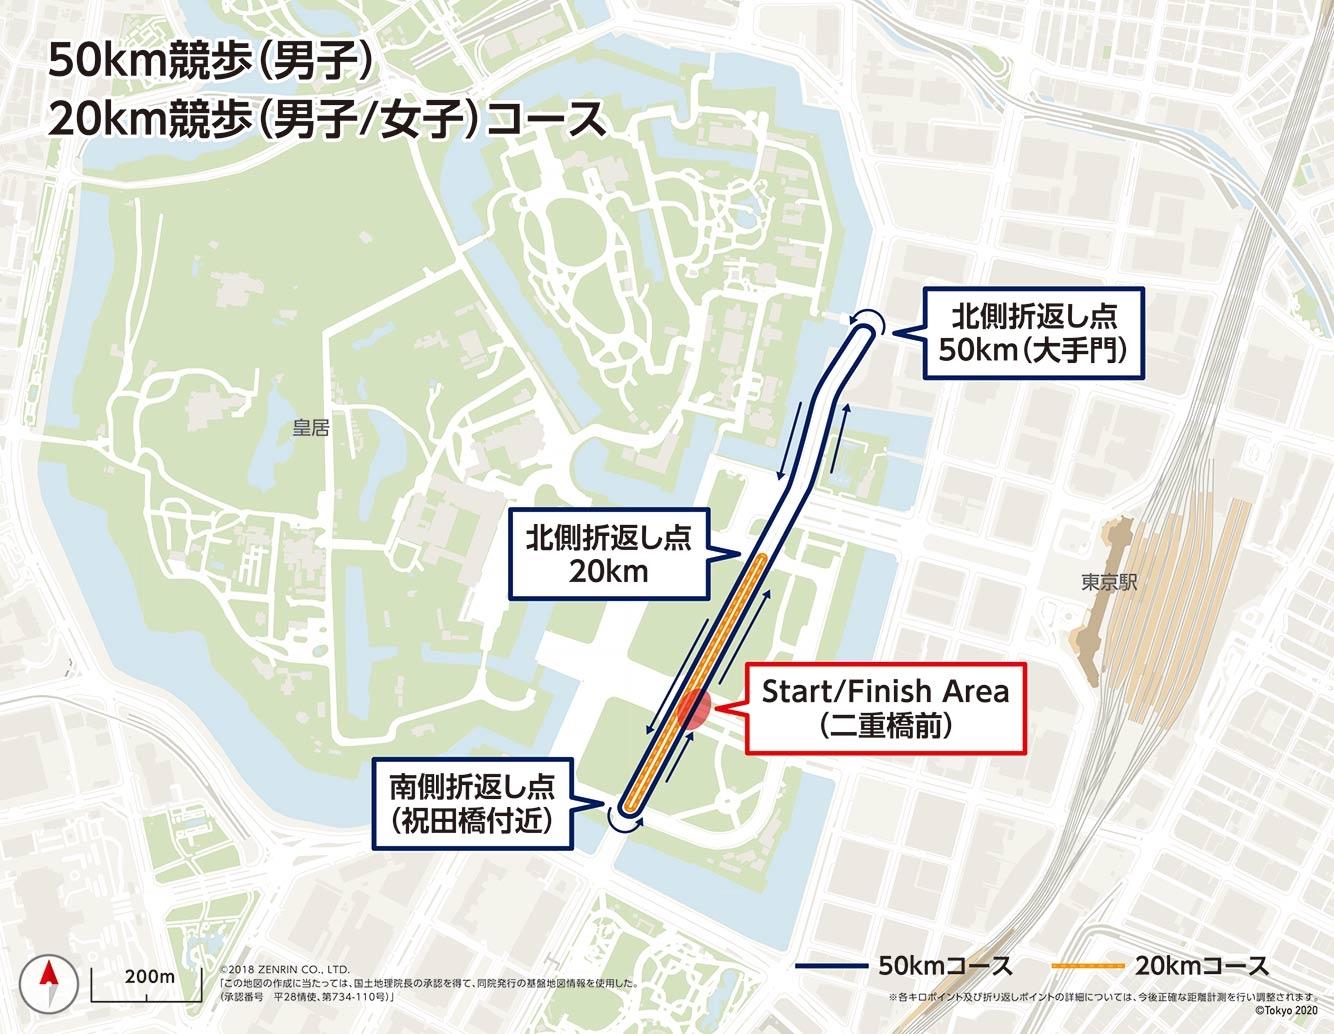 北海道札幌に変更決定する前の東京オリンピックの競歩のコース